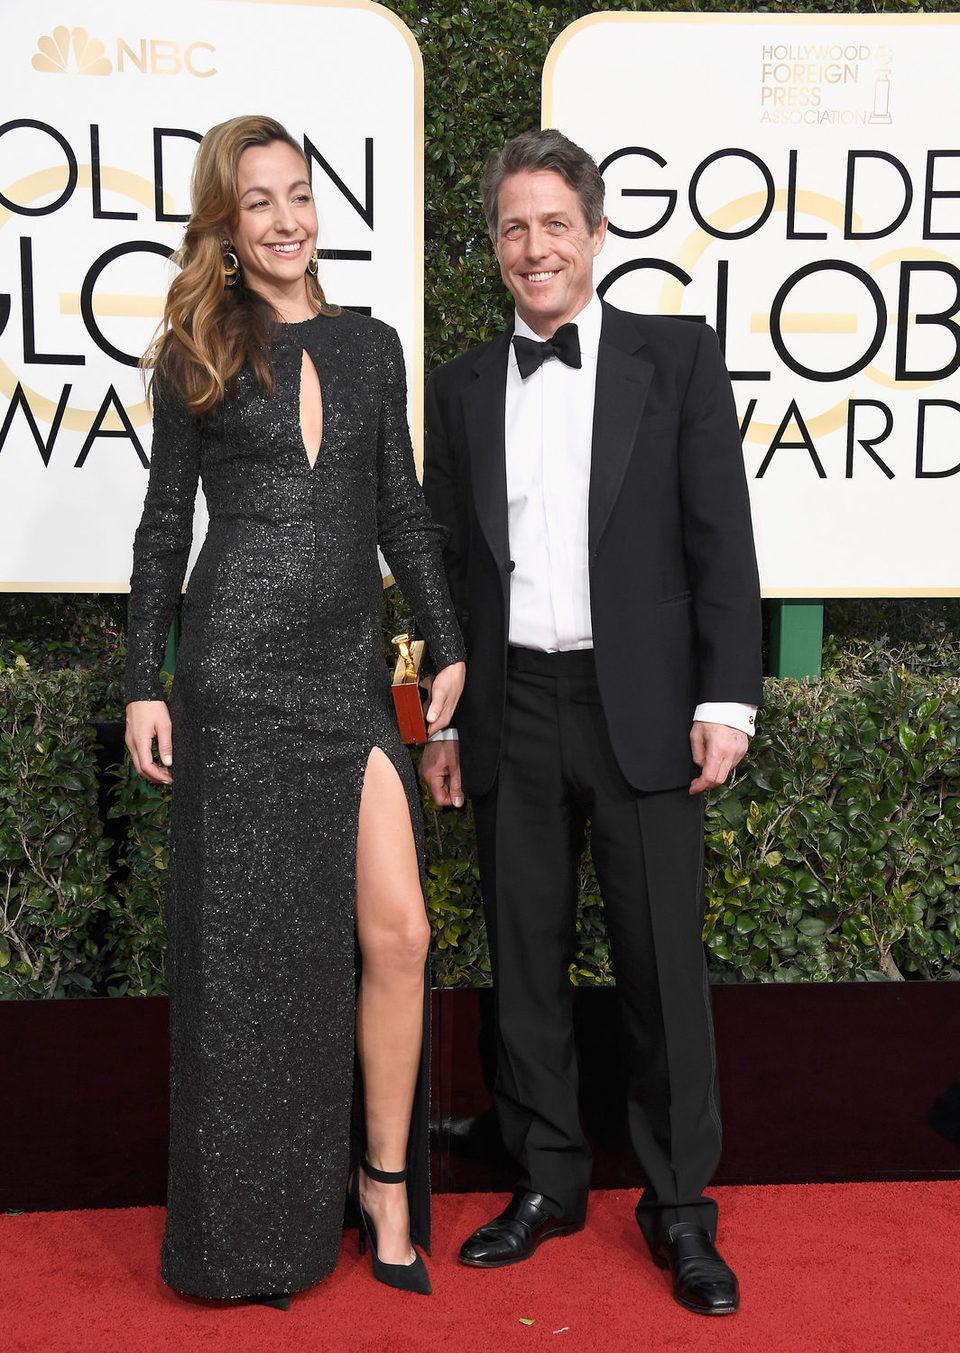 Hugh Grant, Anna Elisabet at the 2017 Golden Globes red carpet